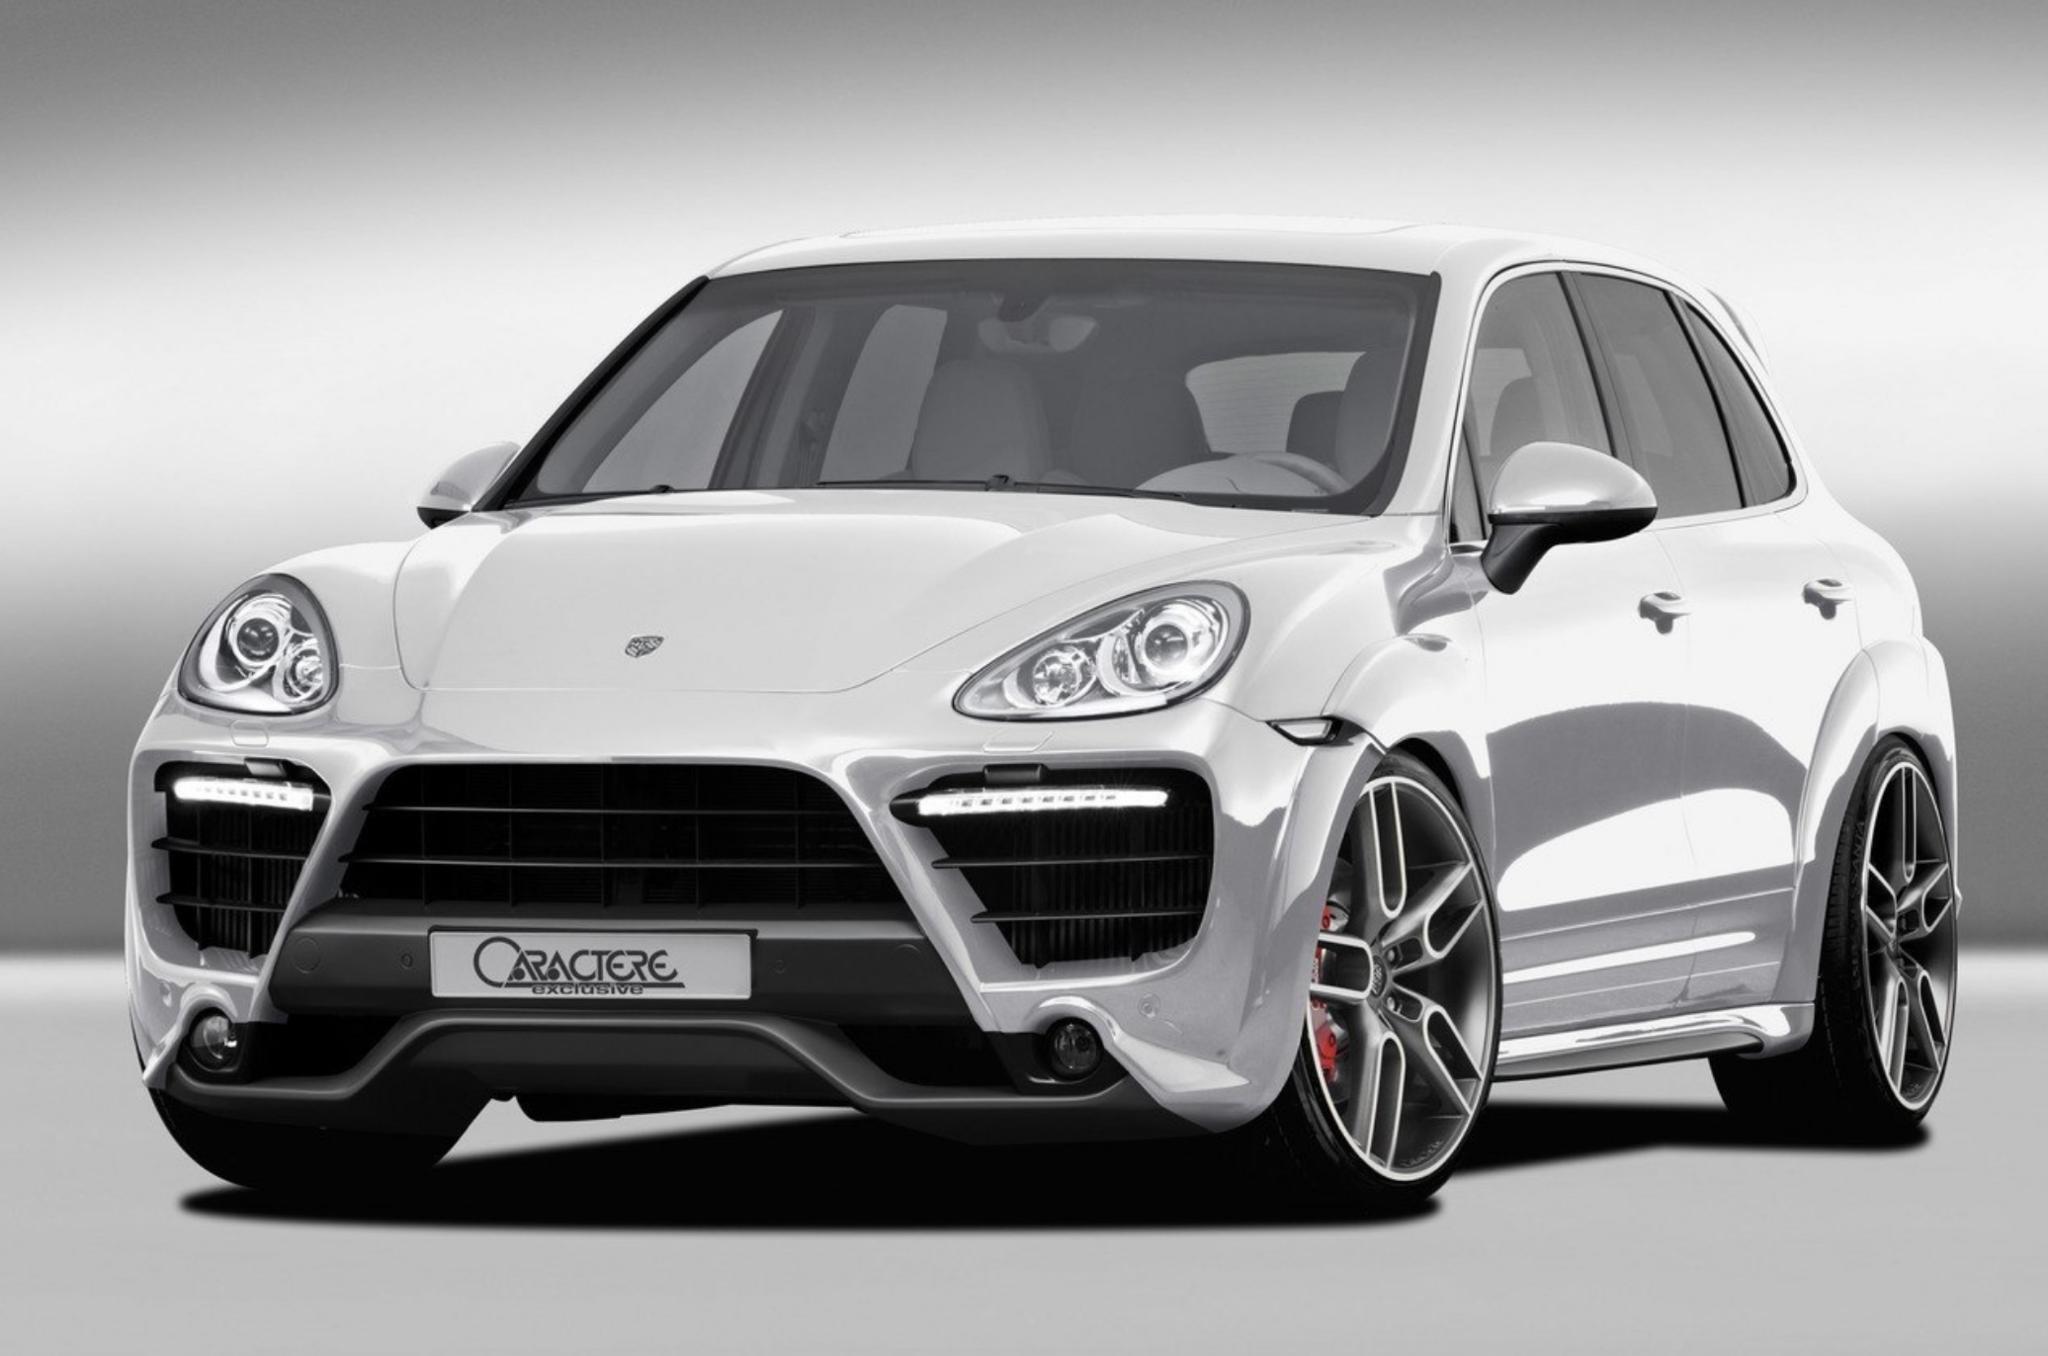 Обвес Caractere Exclusive на Porsche Cayenne